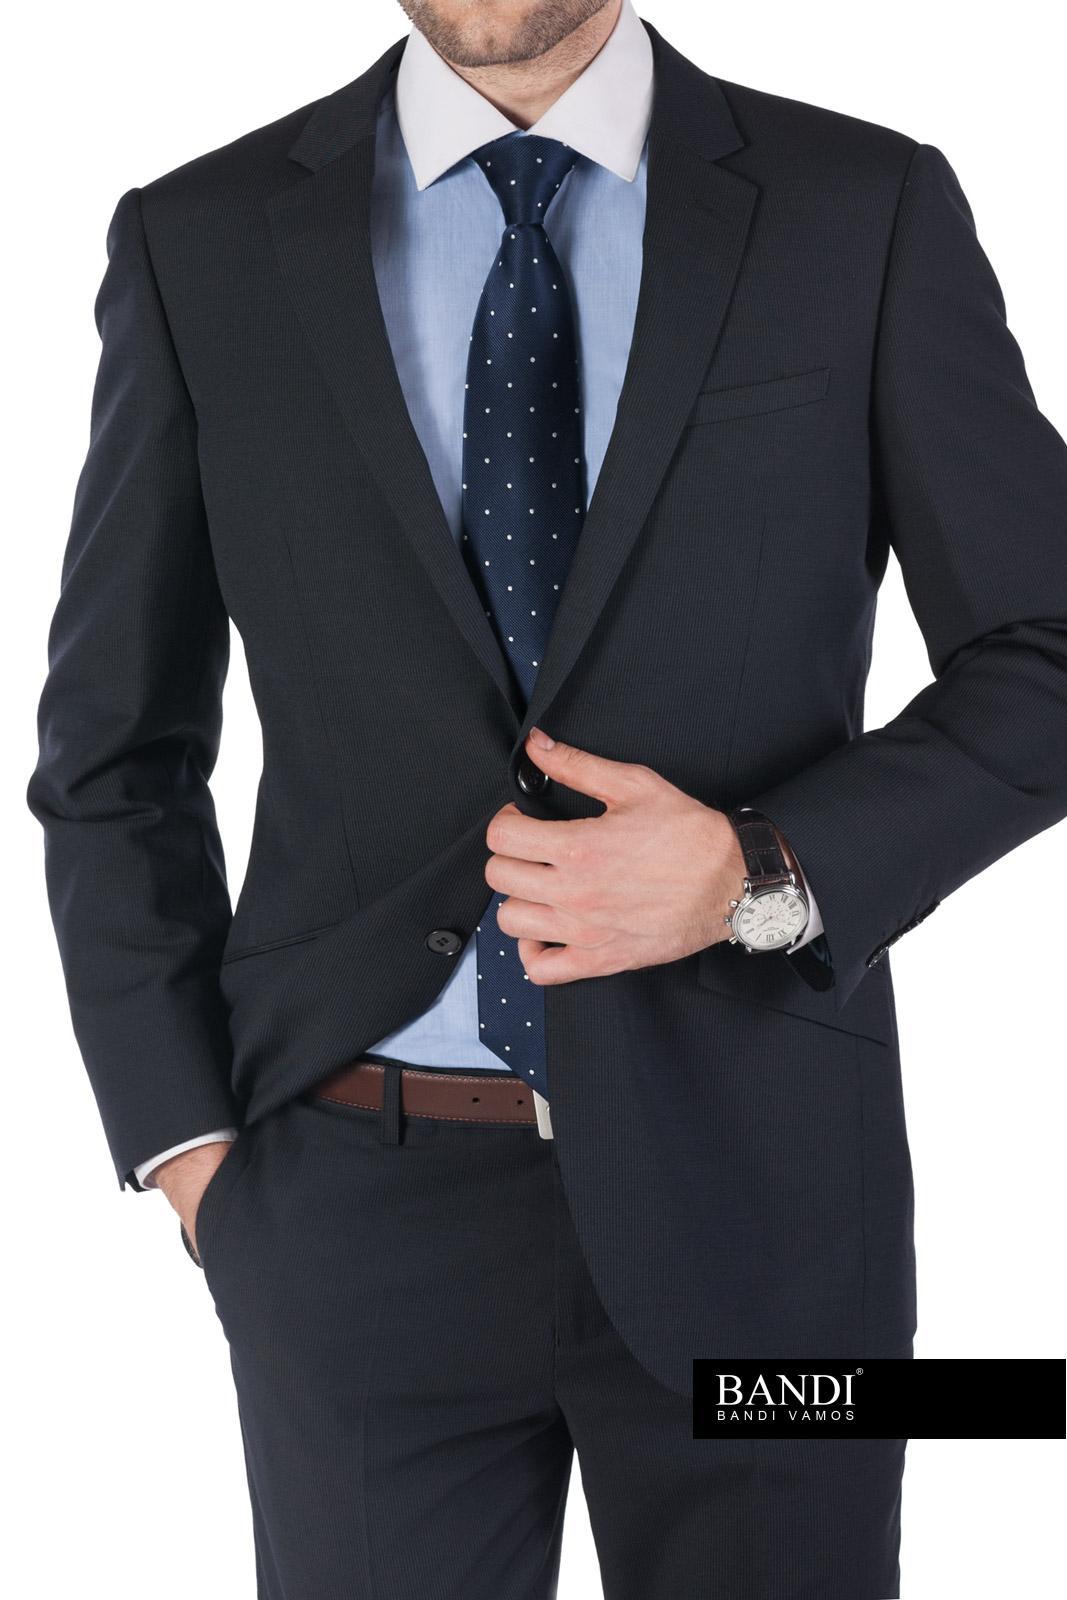 Kravata promění váš outfit – příklad 2